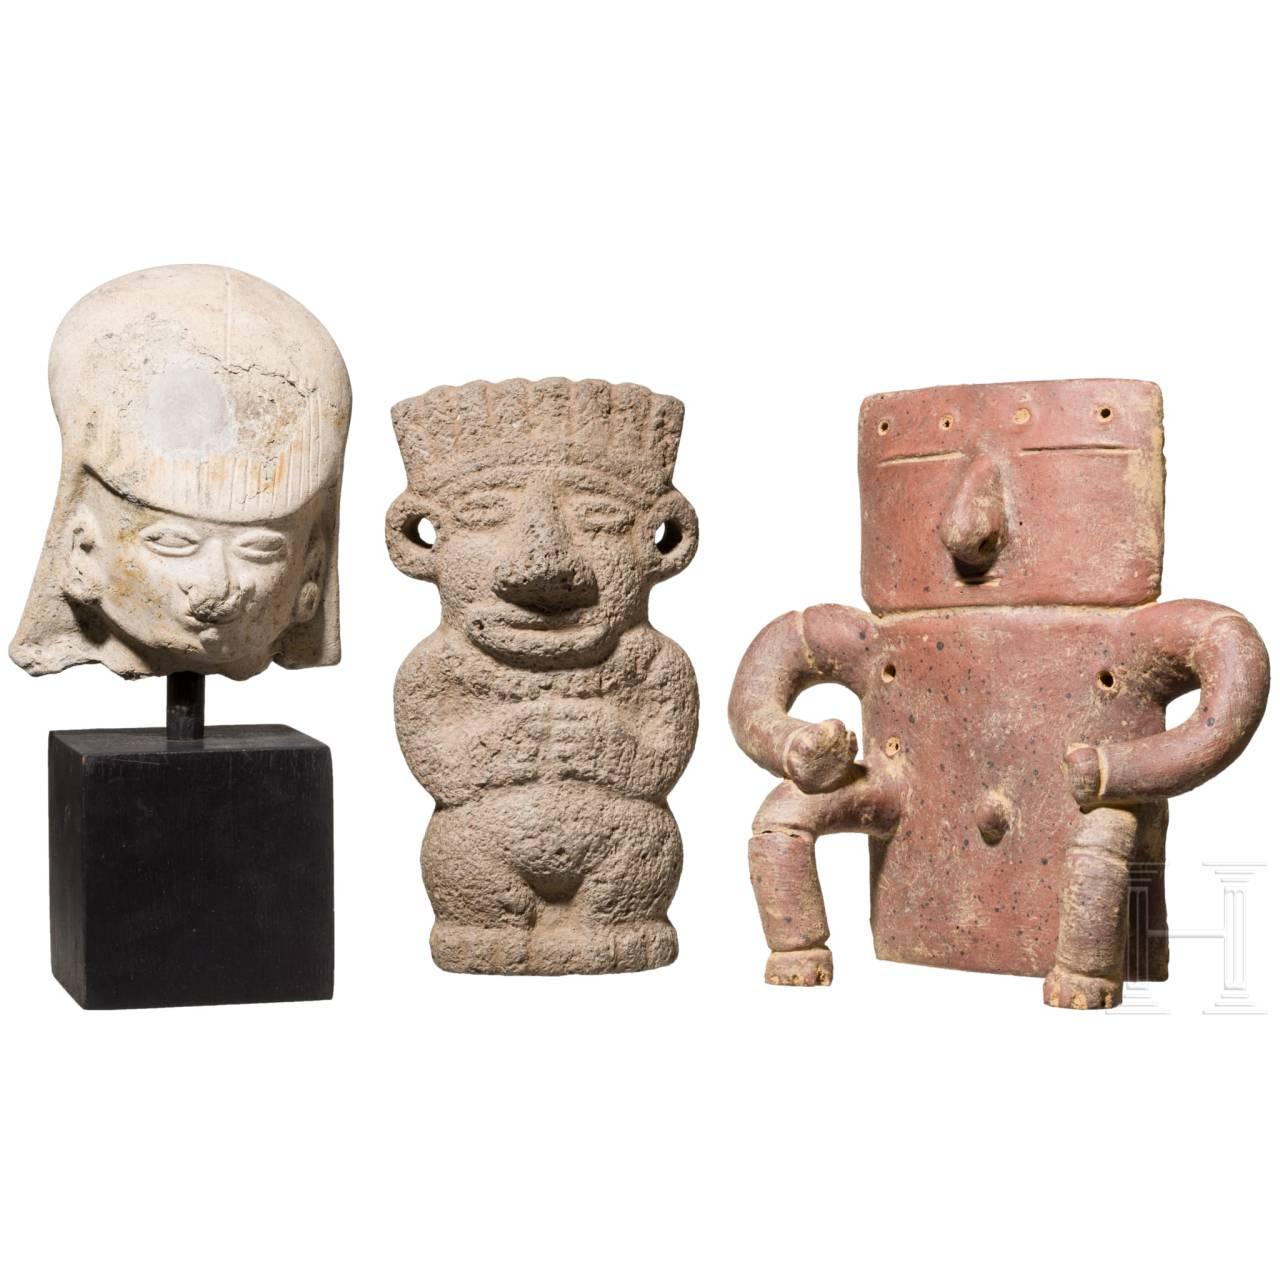 Drei figürliche Darstellungen, Mittel- und Südamerika, ca. 100 – 1500